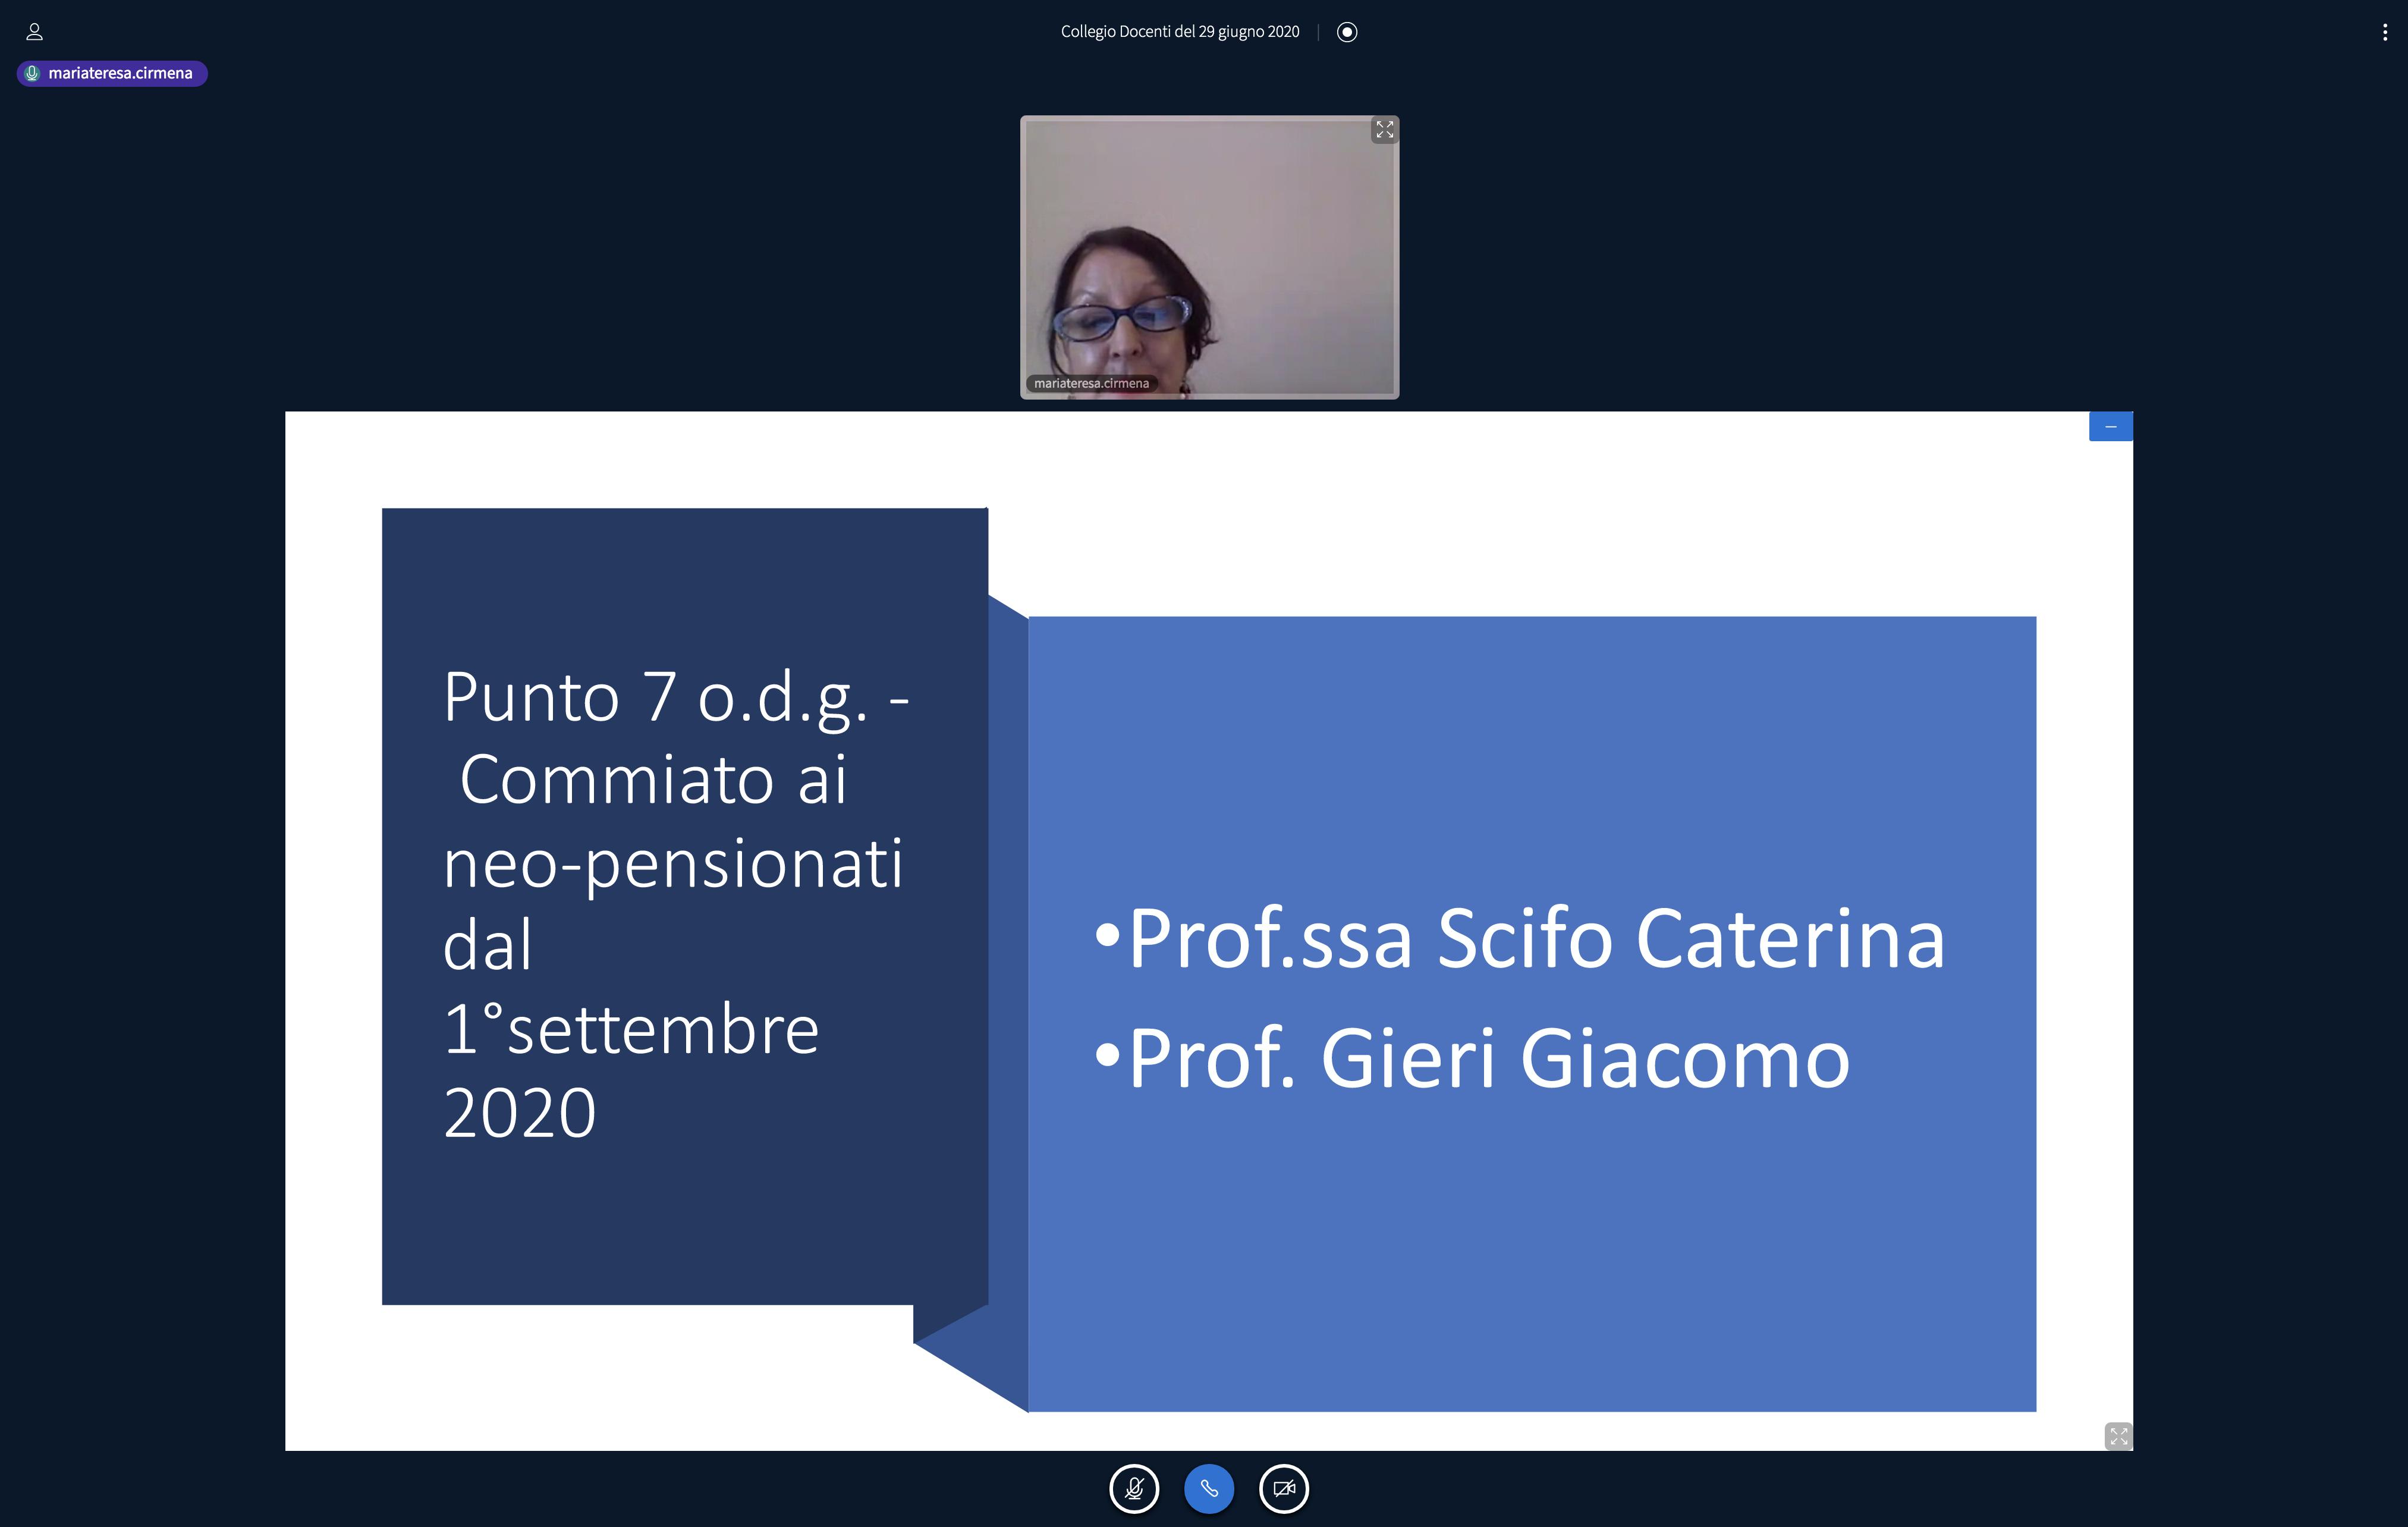 Felice pensionamento ai professori Caterina Scifo e Giacomo Gieri